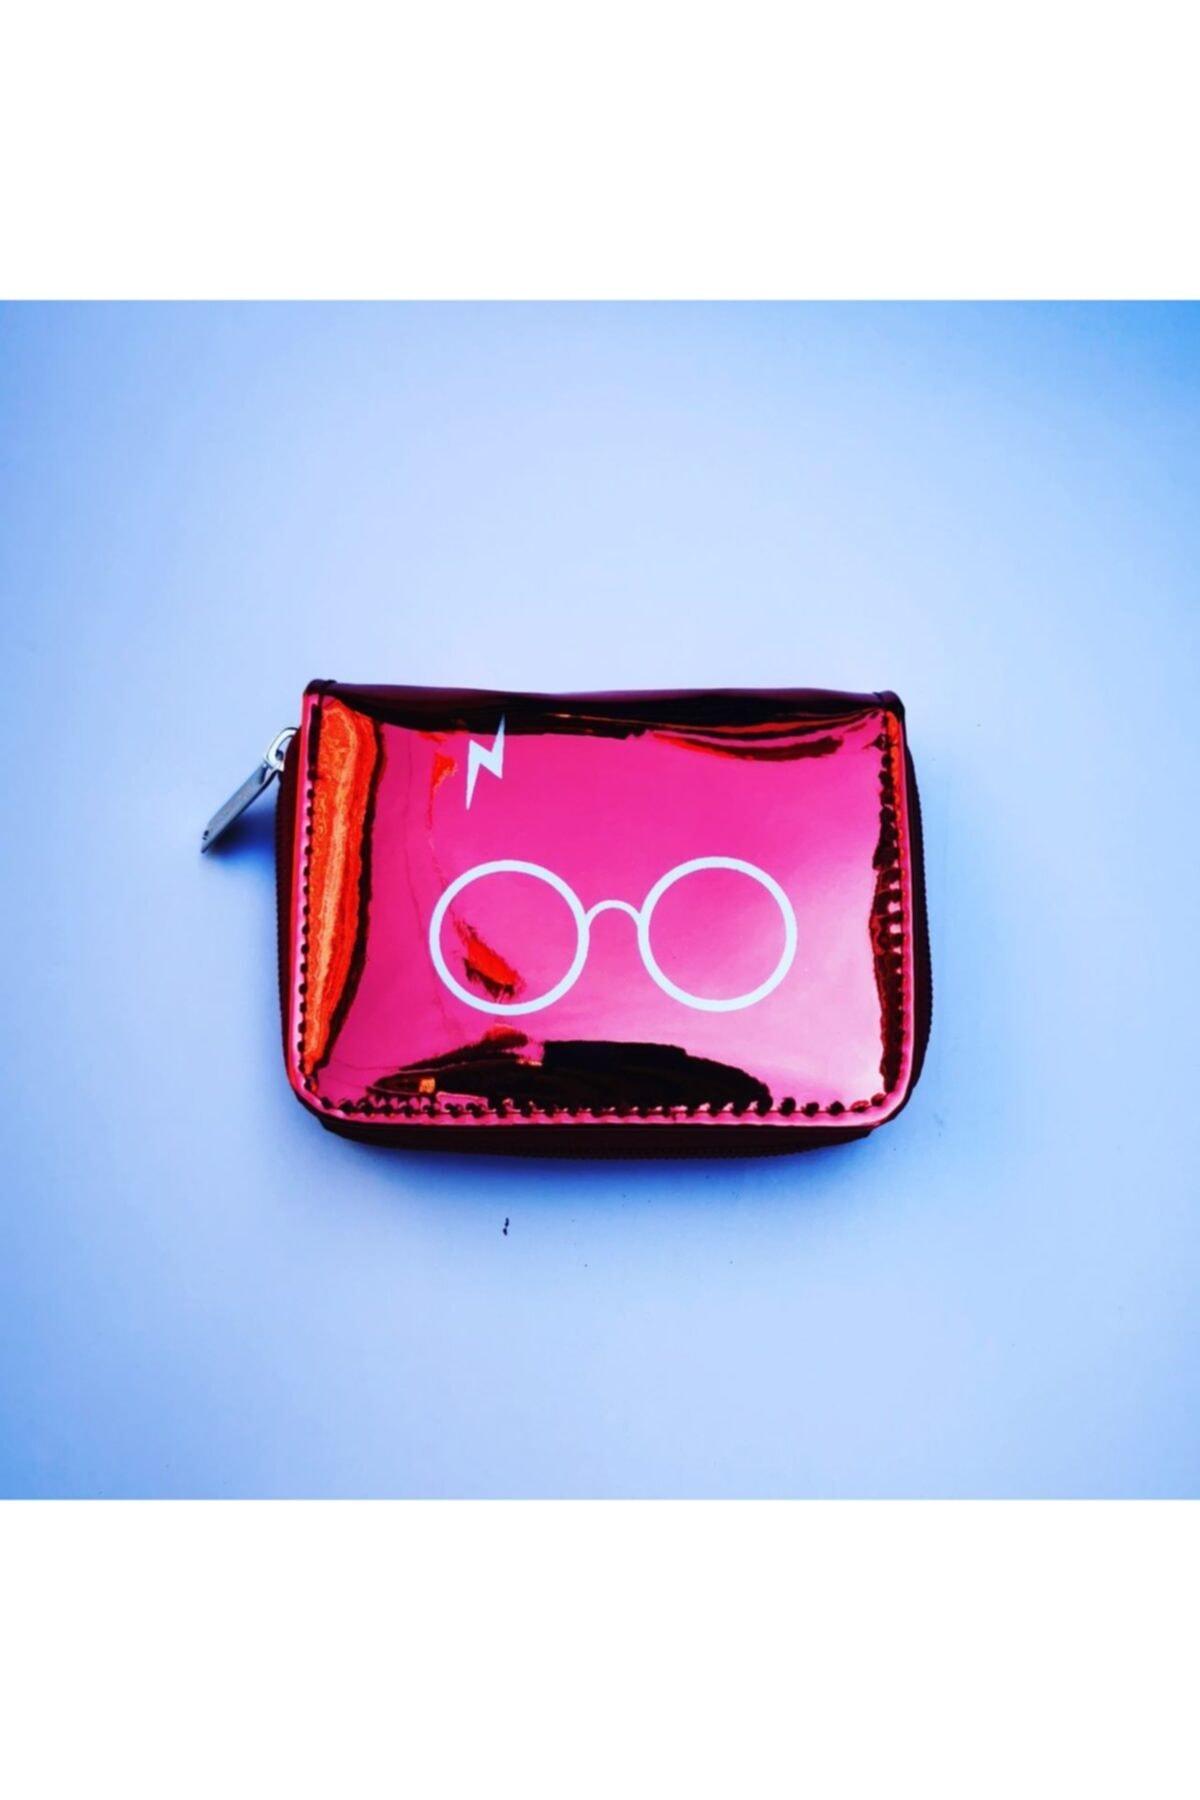 Makko Polo Bordo Hp Gözlük Baskılı Hologram Cüzdan Fiyatı, Yorumları -  TRENDYOL